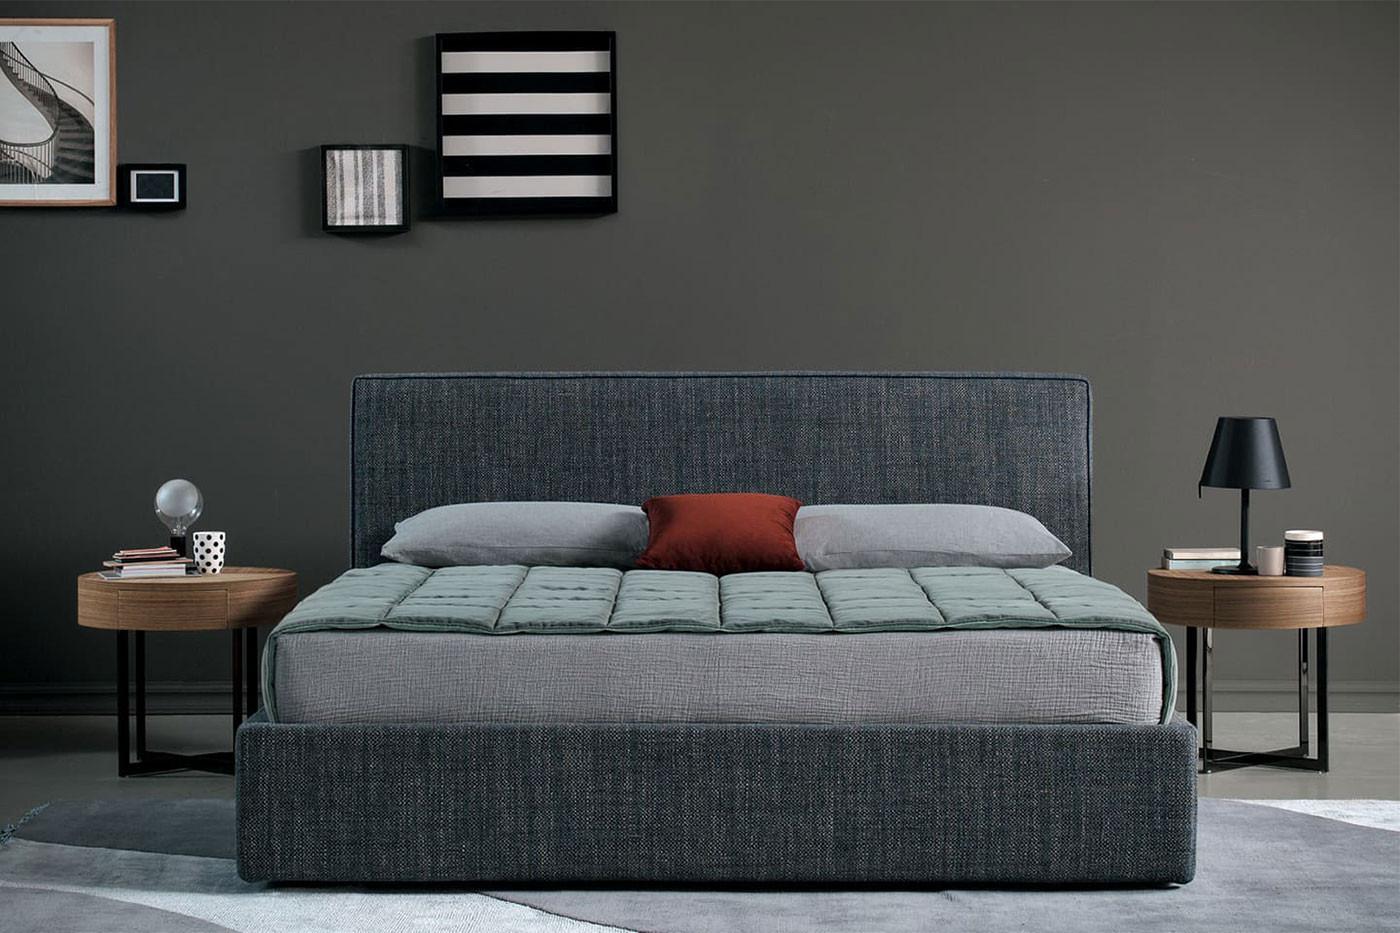 Polsterbett mit abnehmbarem Bezug mit Stauraum oder mit hohem Bettgestell ohne Bettkasten